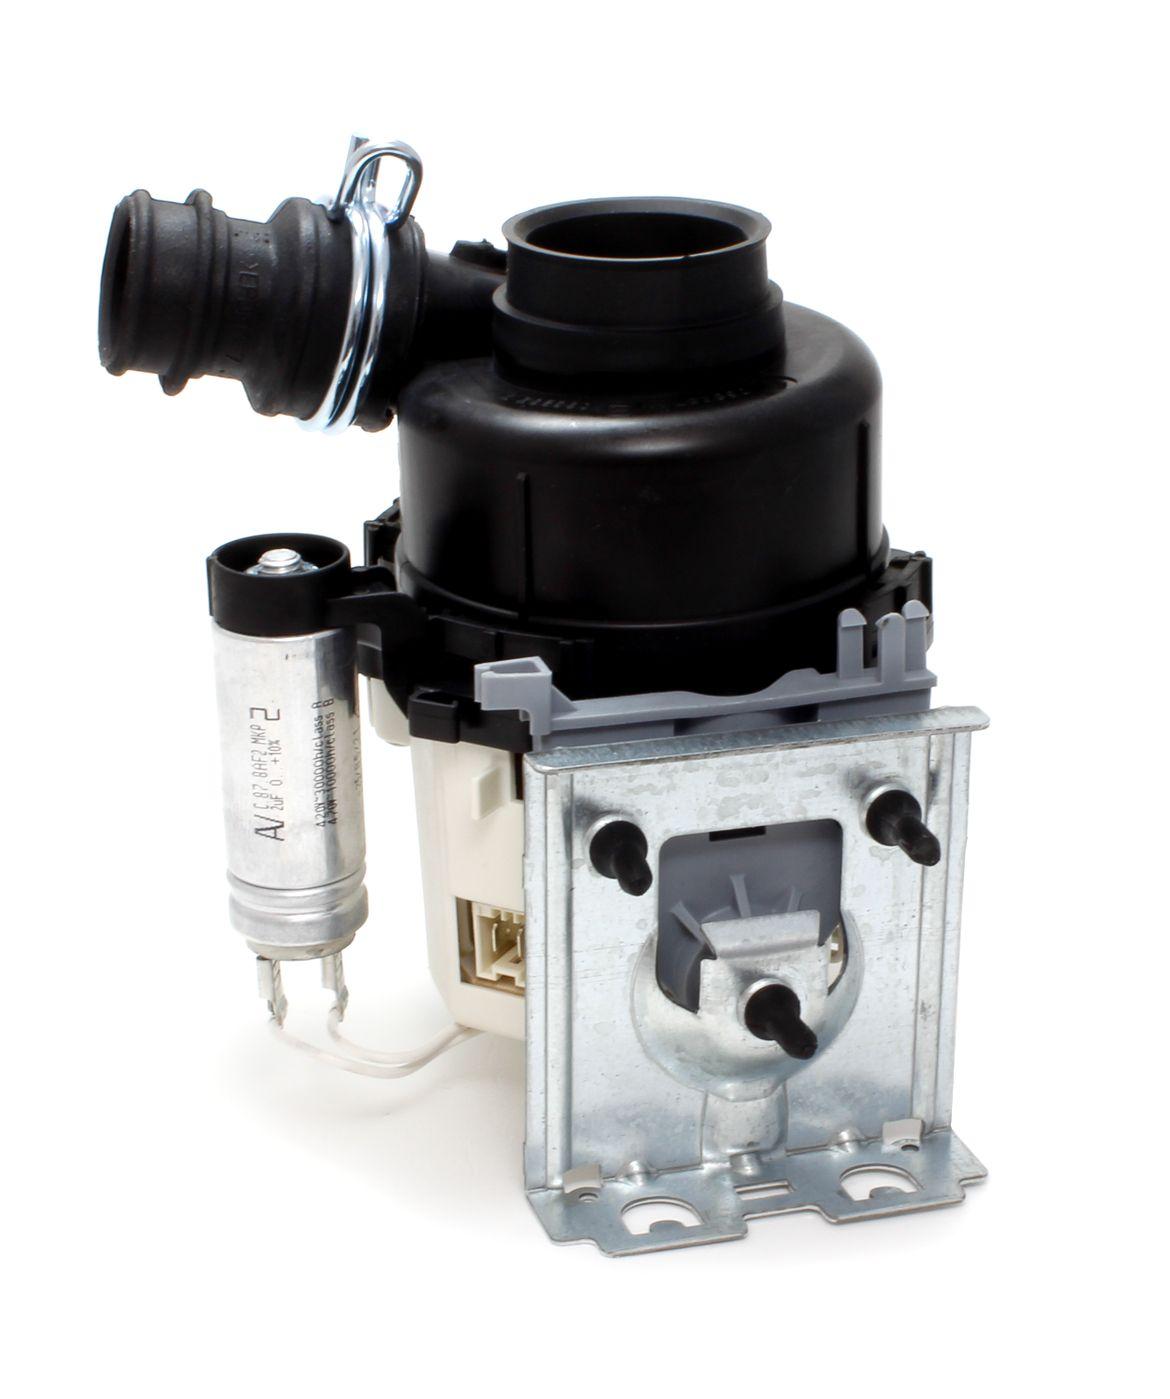 čerpadlo oběhové, cirkulační pro myčky Whirlpool - 481072628031 Whirlpool / Indesit